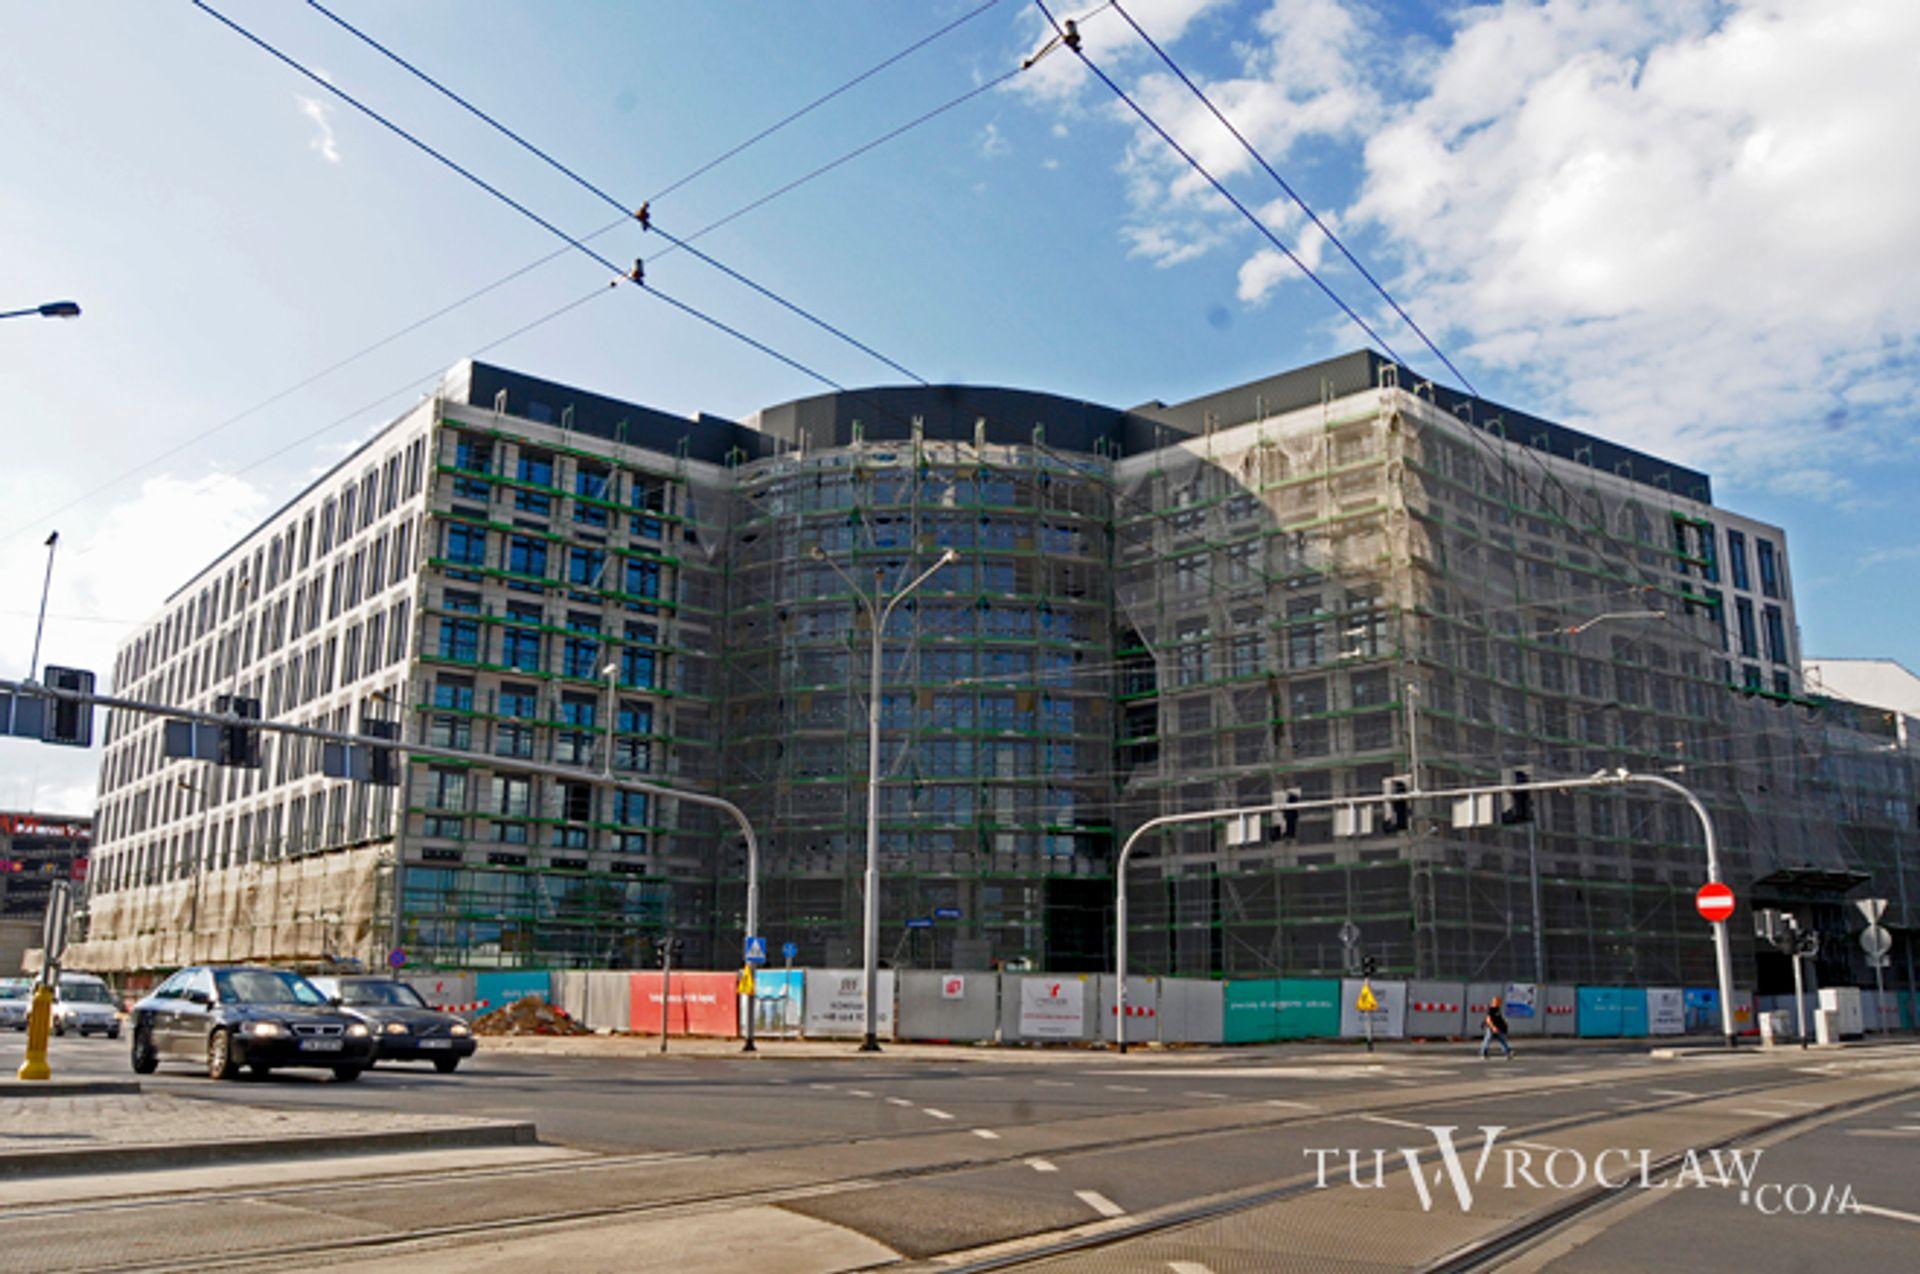 [Wrocław] Blisko 130 tysięcy mkw. biur powstaje we Wrocławiu. Ustępujemy tylko stolicy